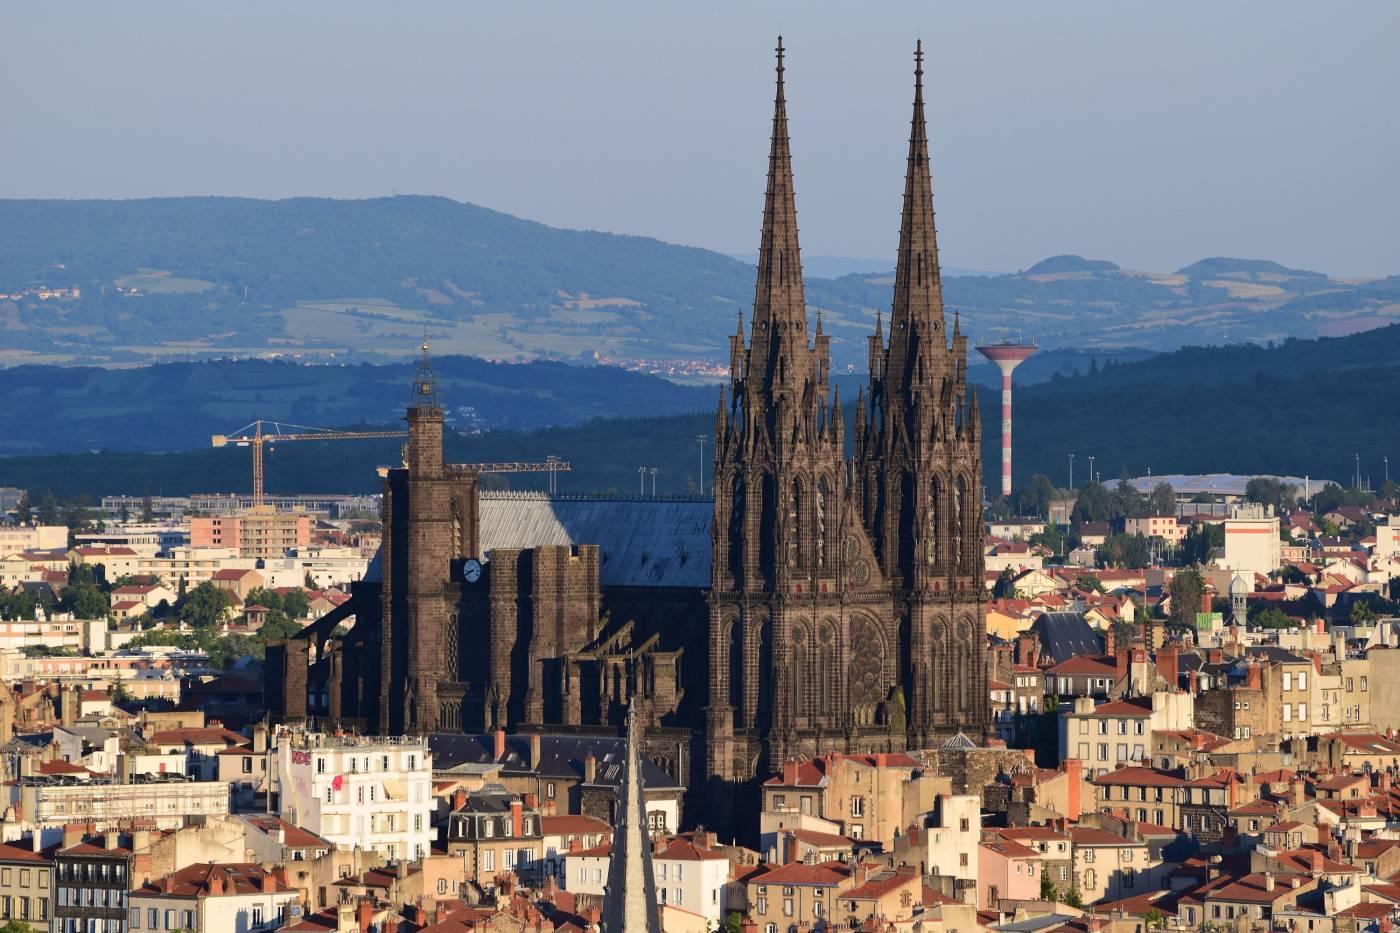 Visiter Clermont-Ferrand - Cathédrale Notre-Dame-de-l'Assomption